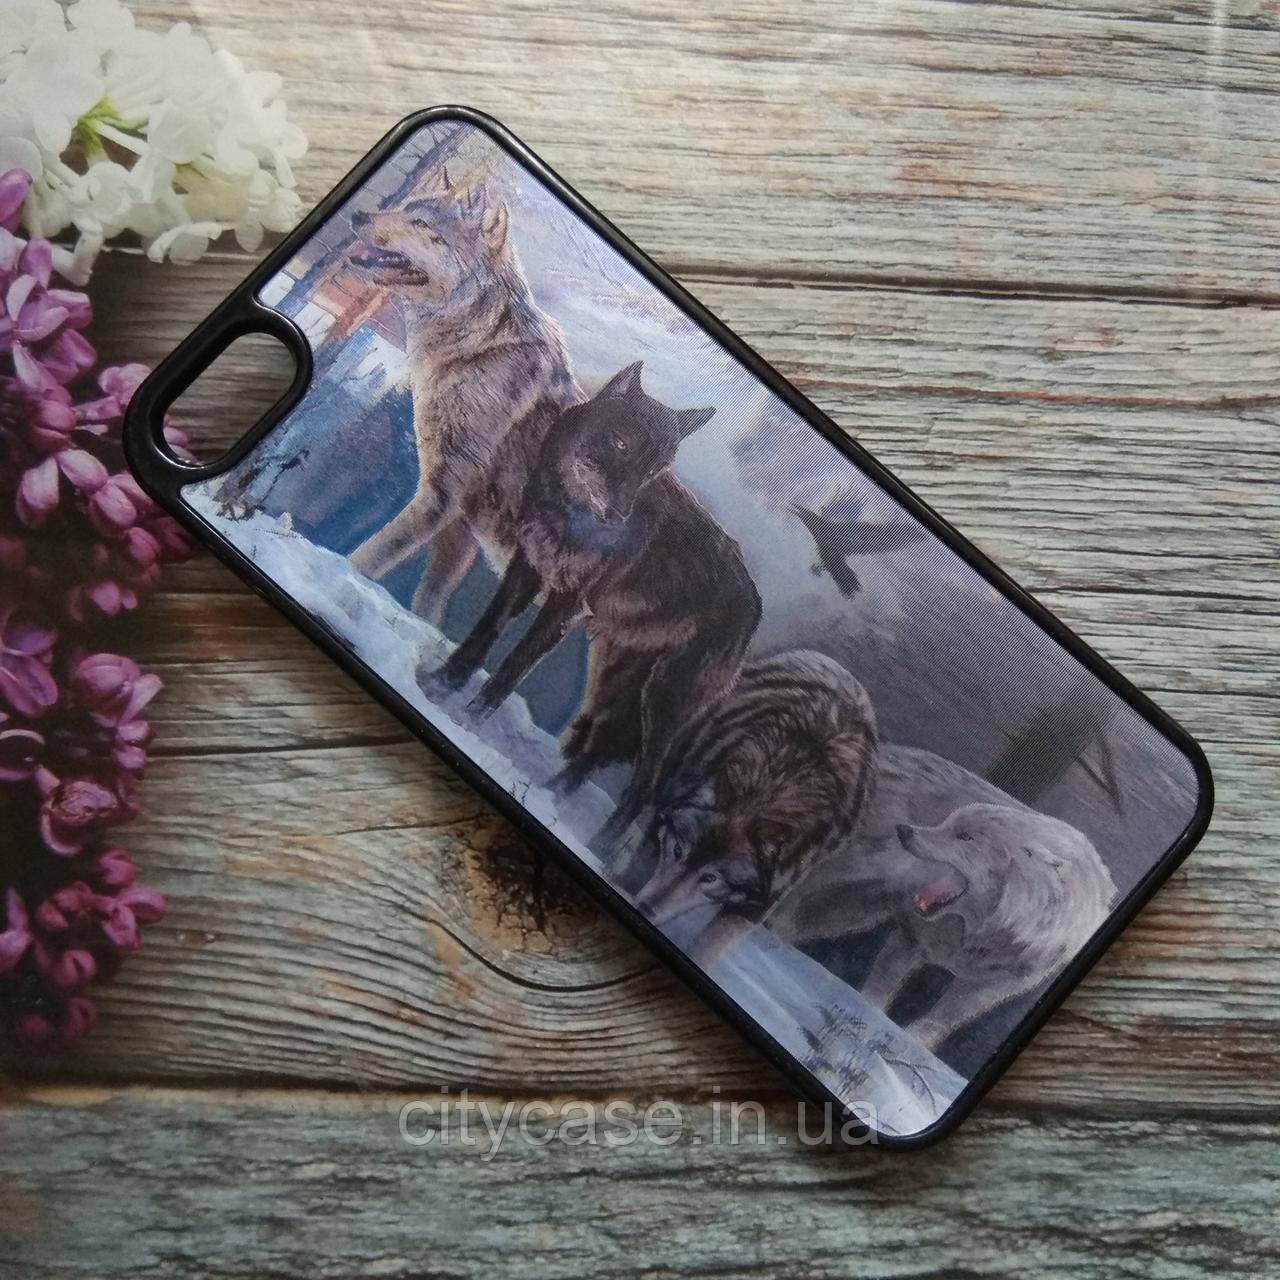 Чехлы для Iphone 5/5s с рисунком Стая волков